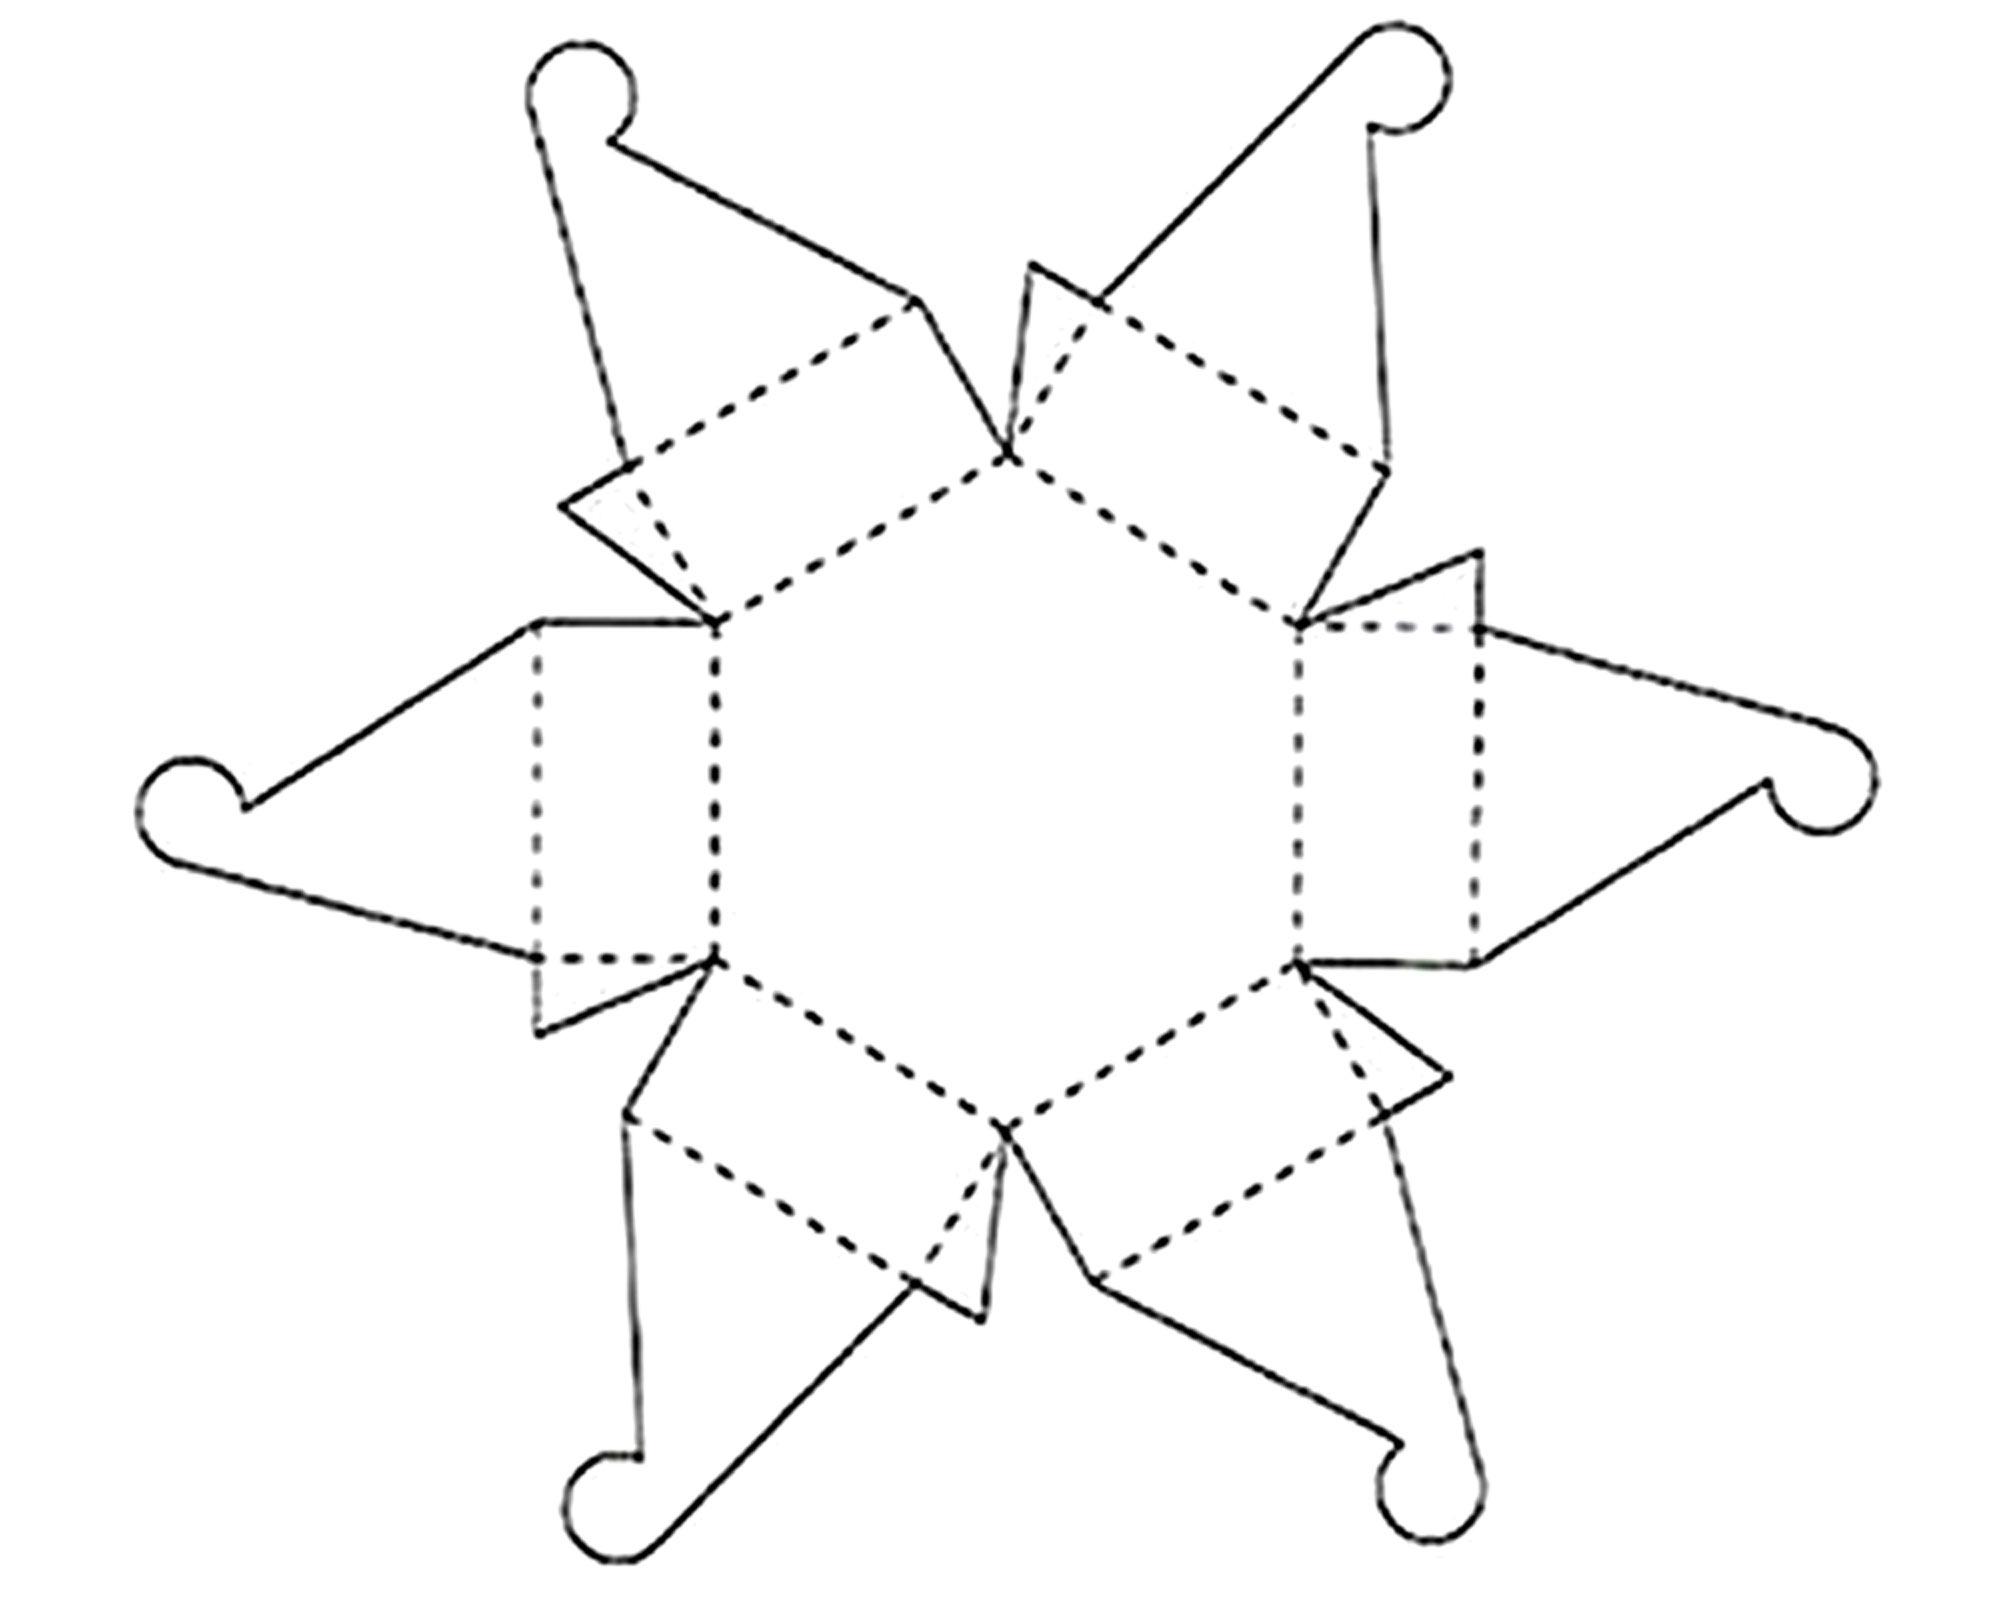 Коробки для подарка своими руками схемы с размерами